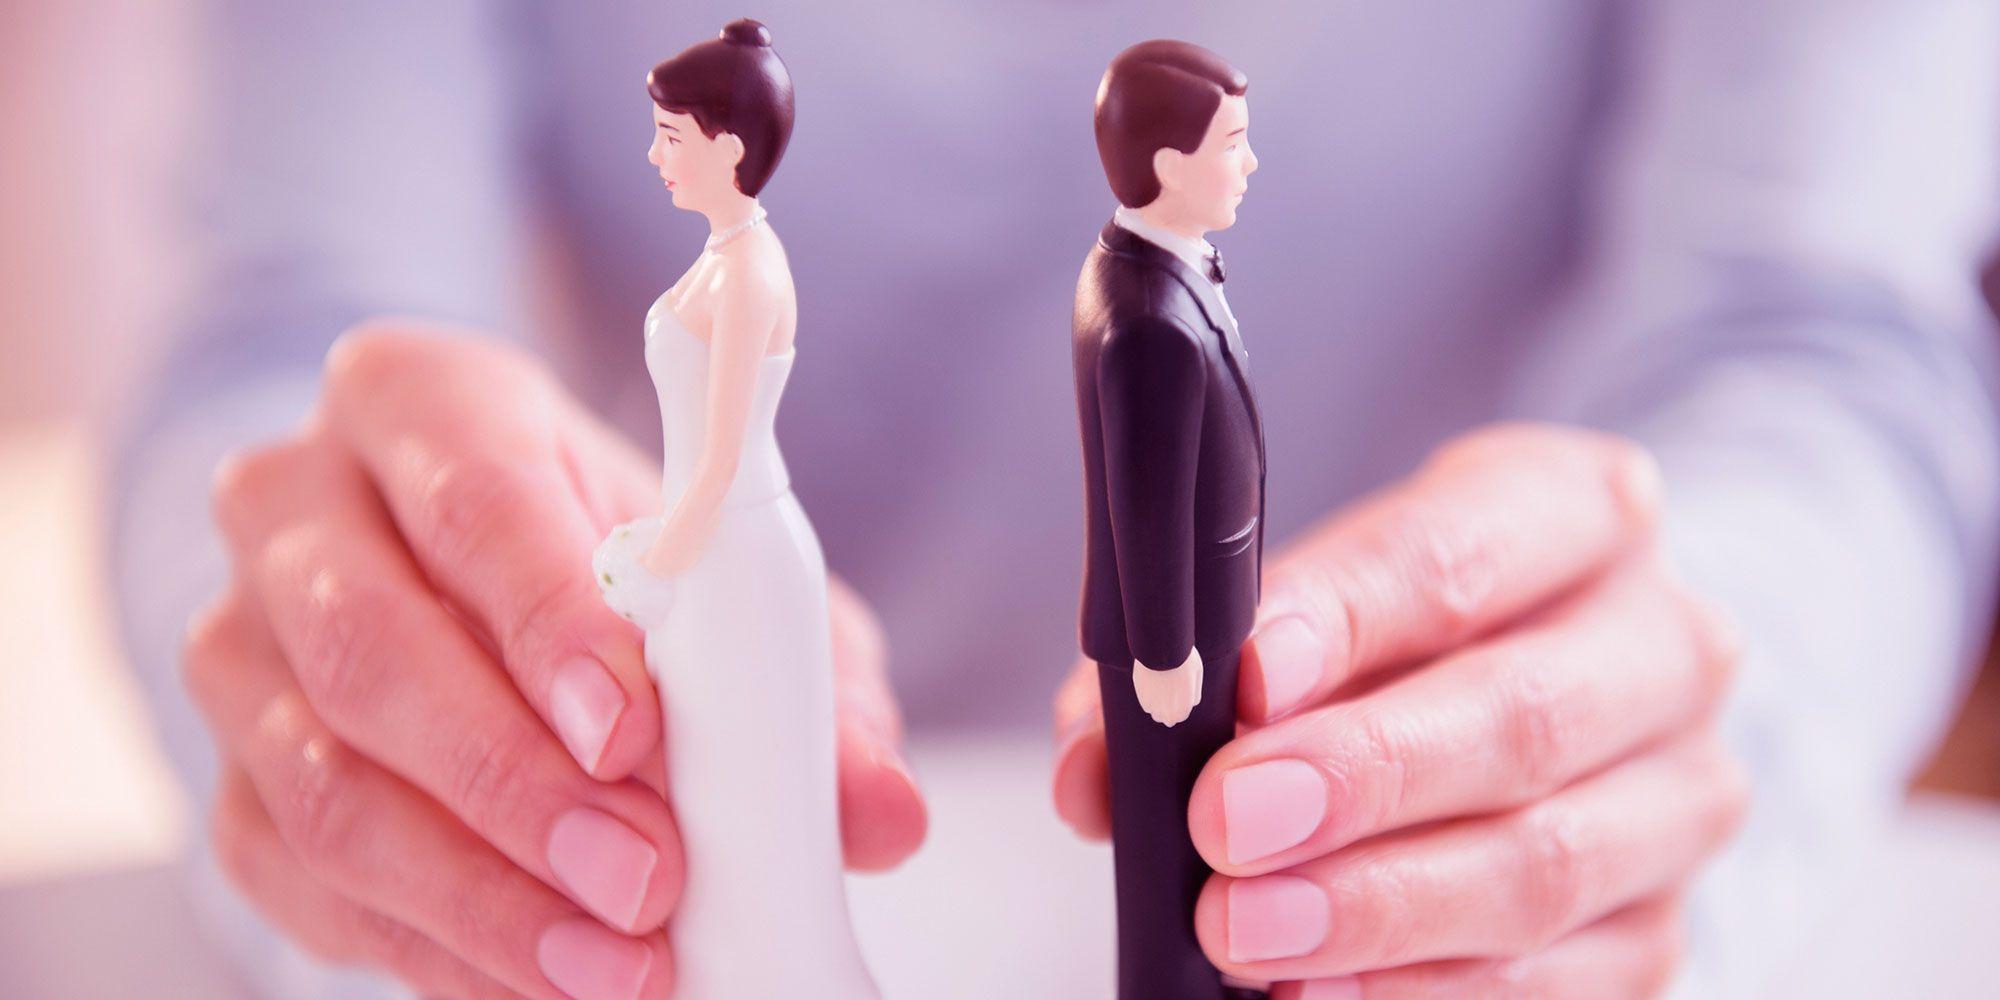 Problemi di coppia, Terapia di coppia Psicologa Psicoterapeuta Sara Lindaver